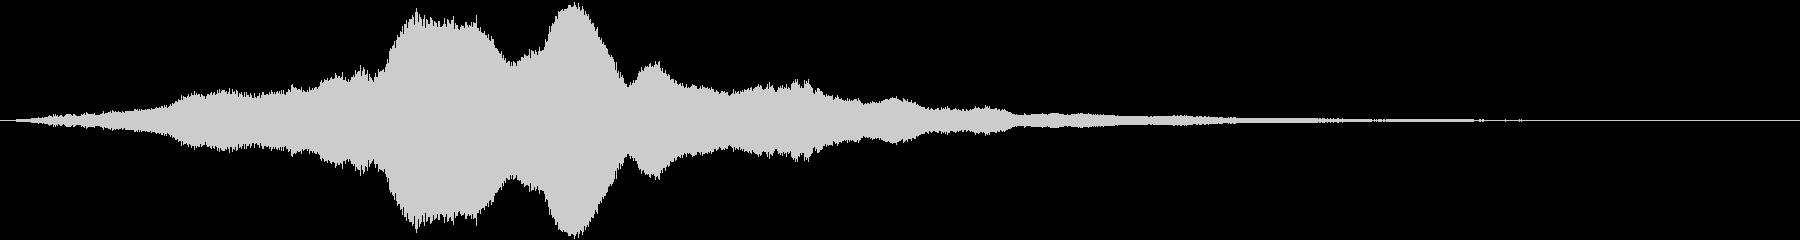 暗めのアンビエントBGM_シリアスの未再生の波形